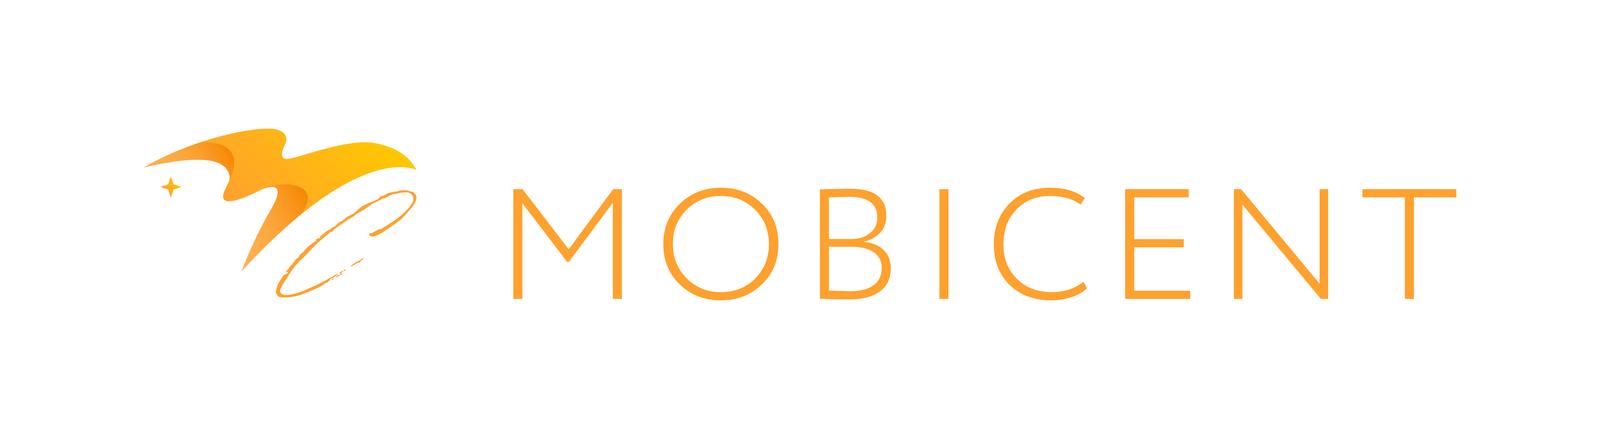 Mobicent.ru